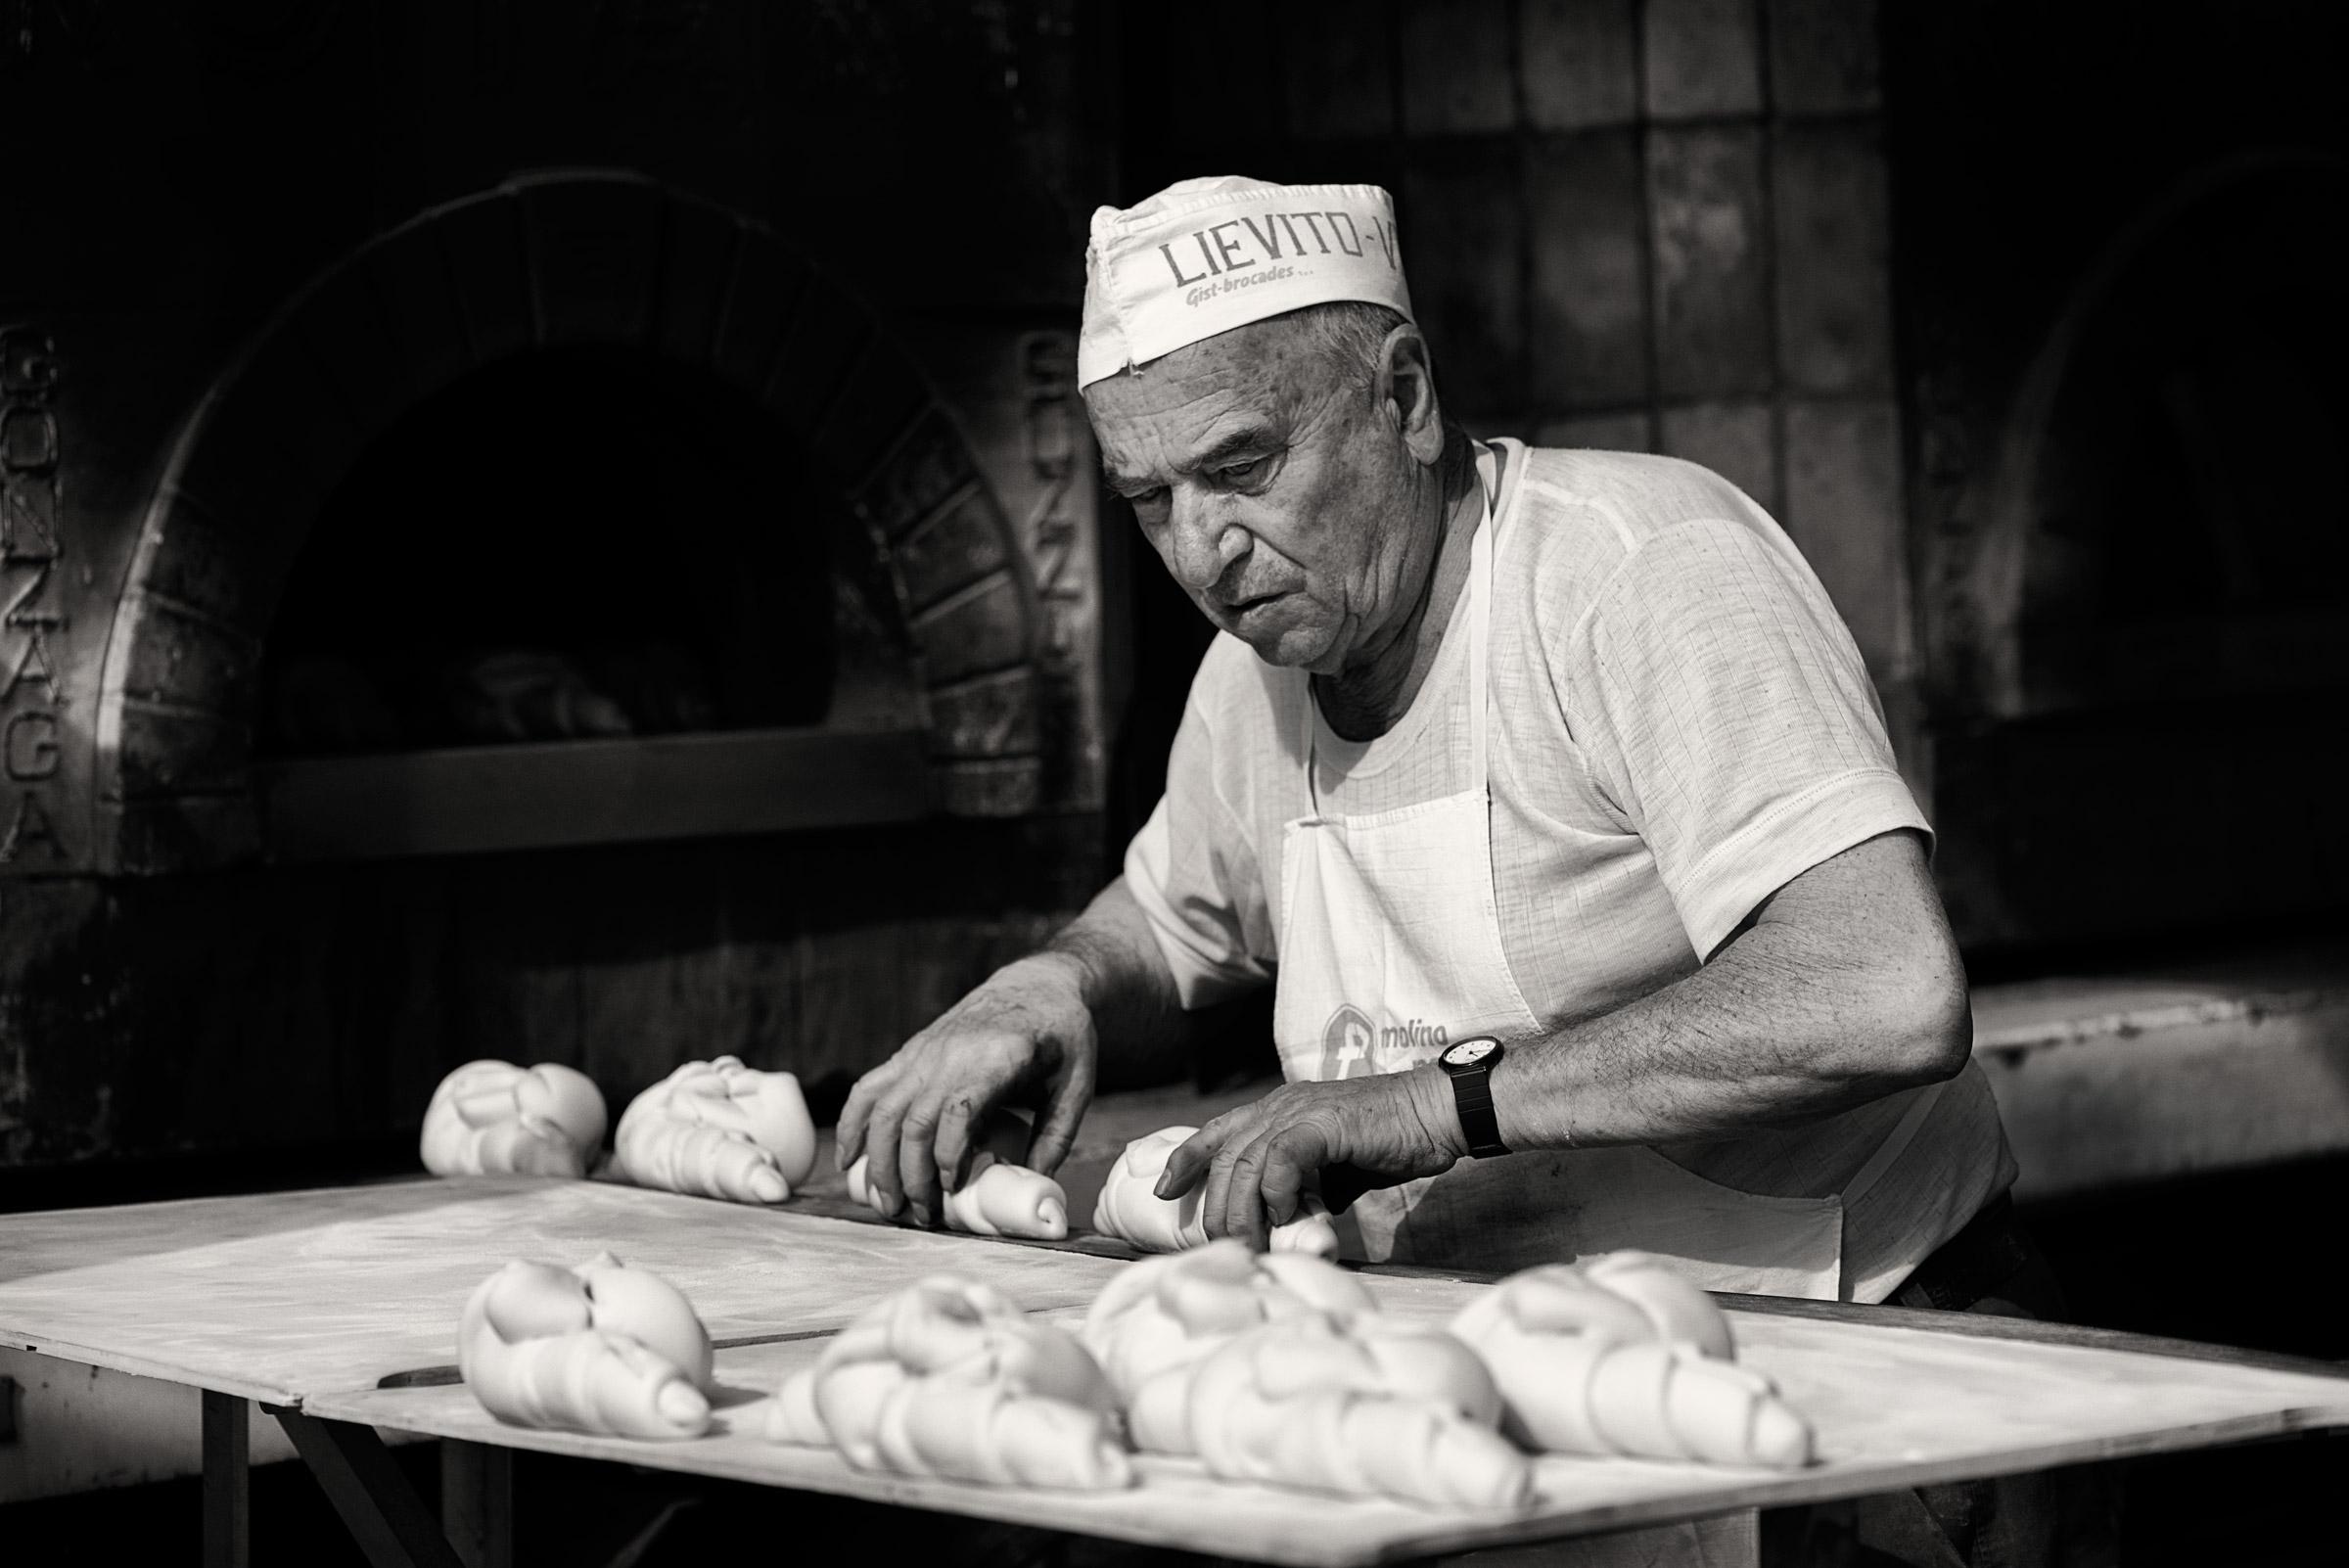 The Baker...